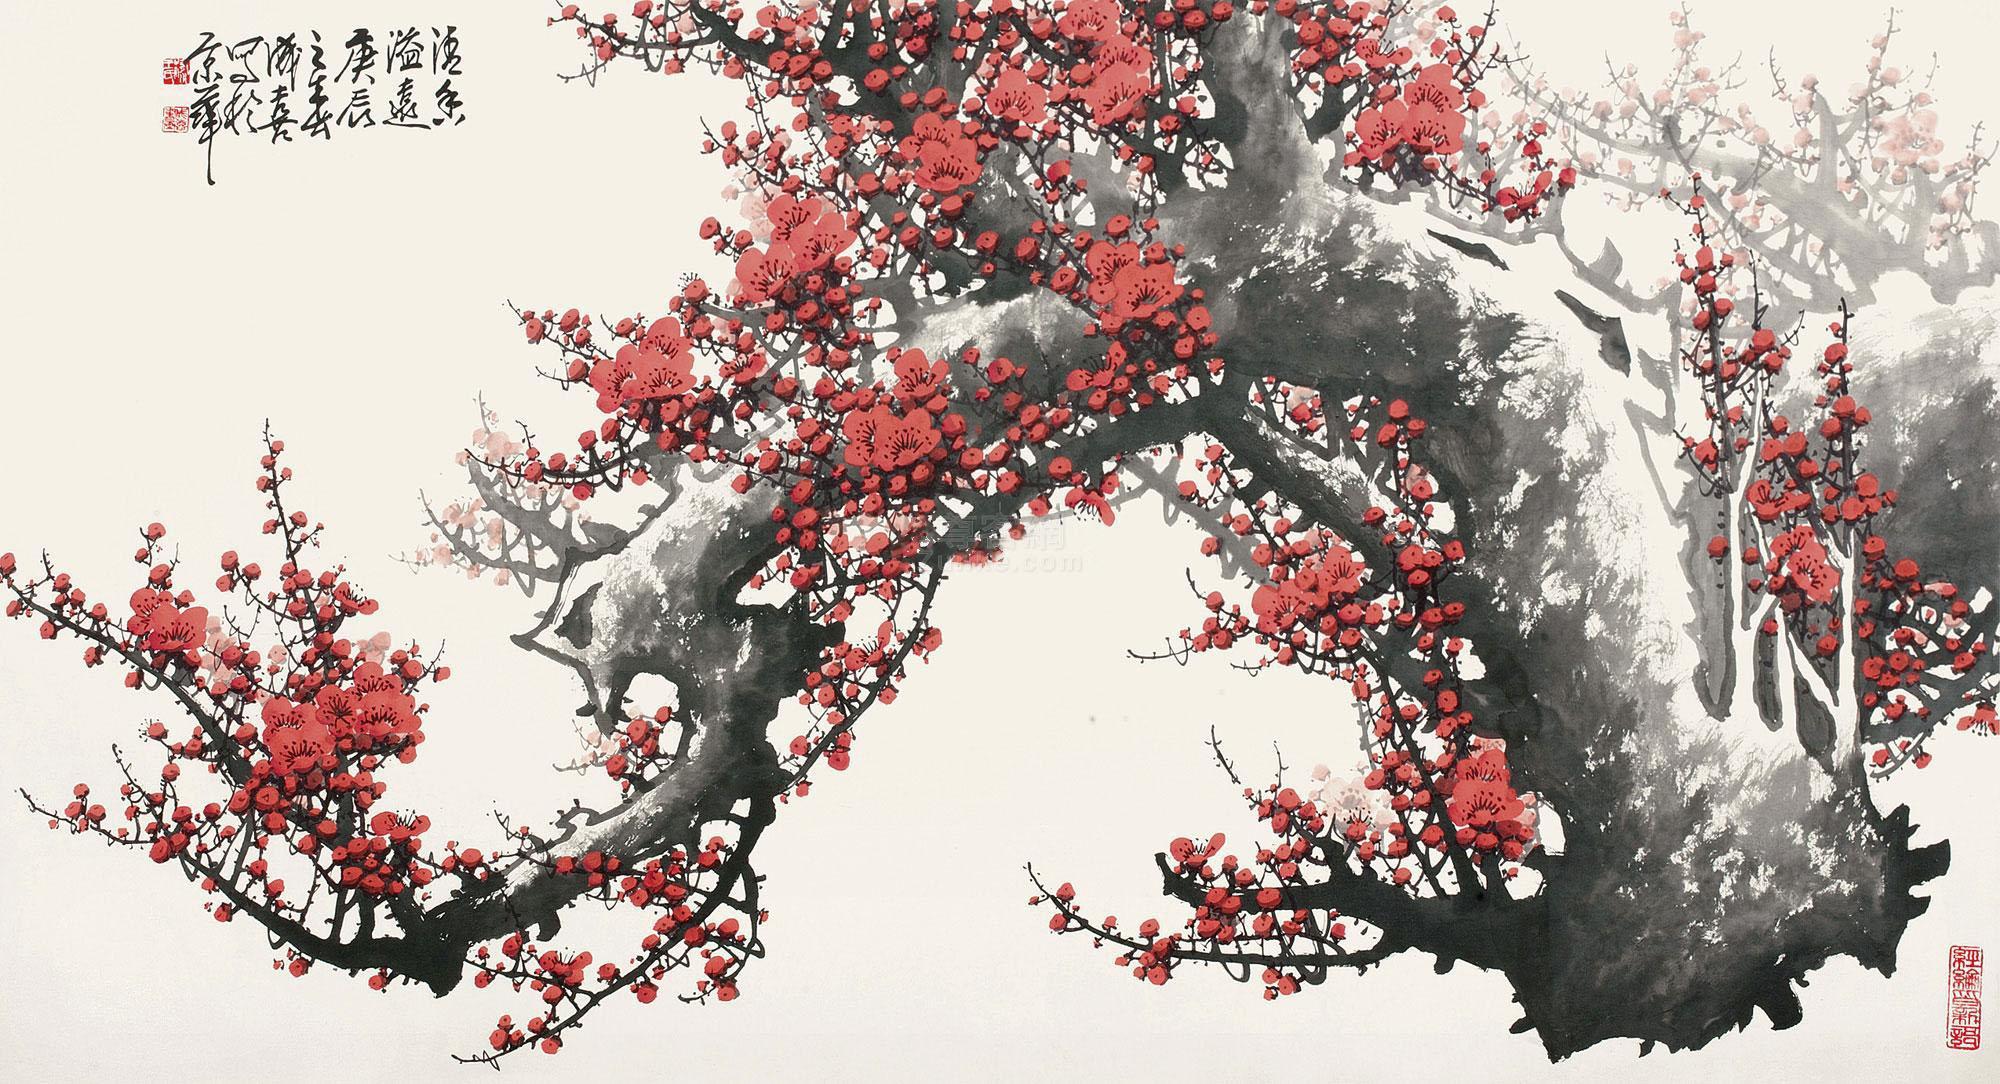 王成喜 红梅横幅 镜心 设色纸本作品欣赏